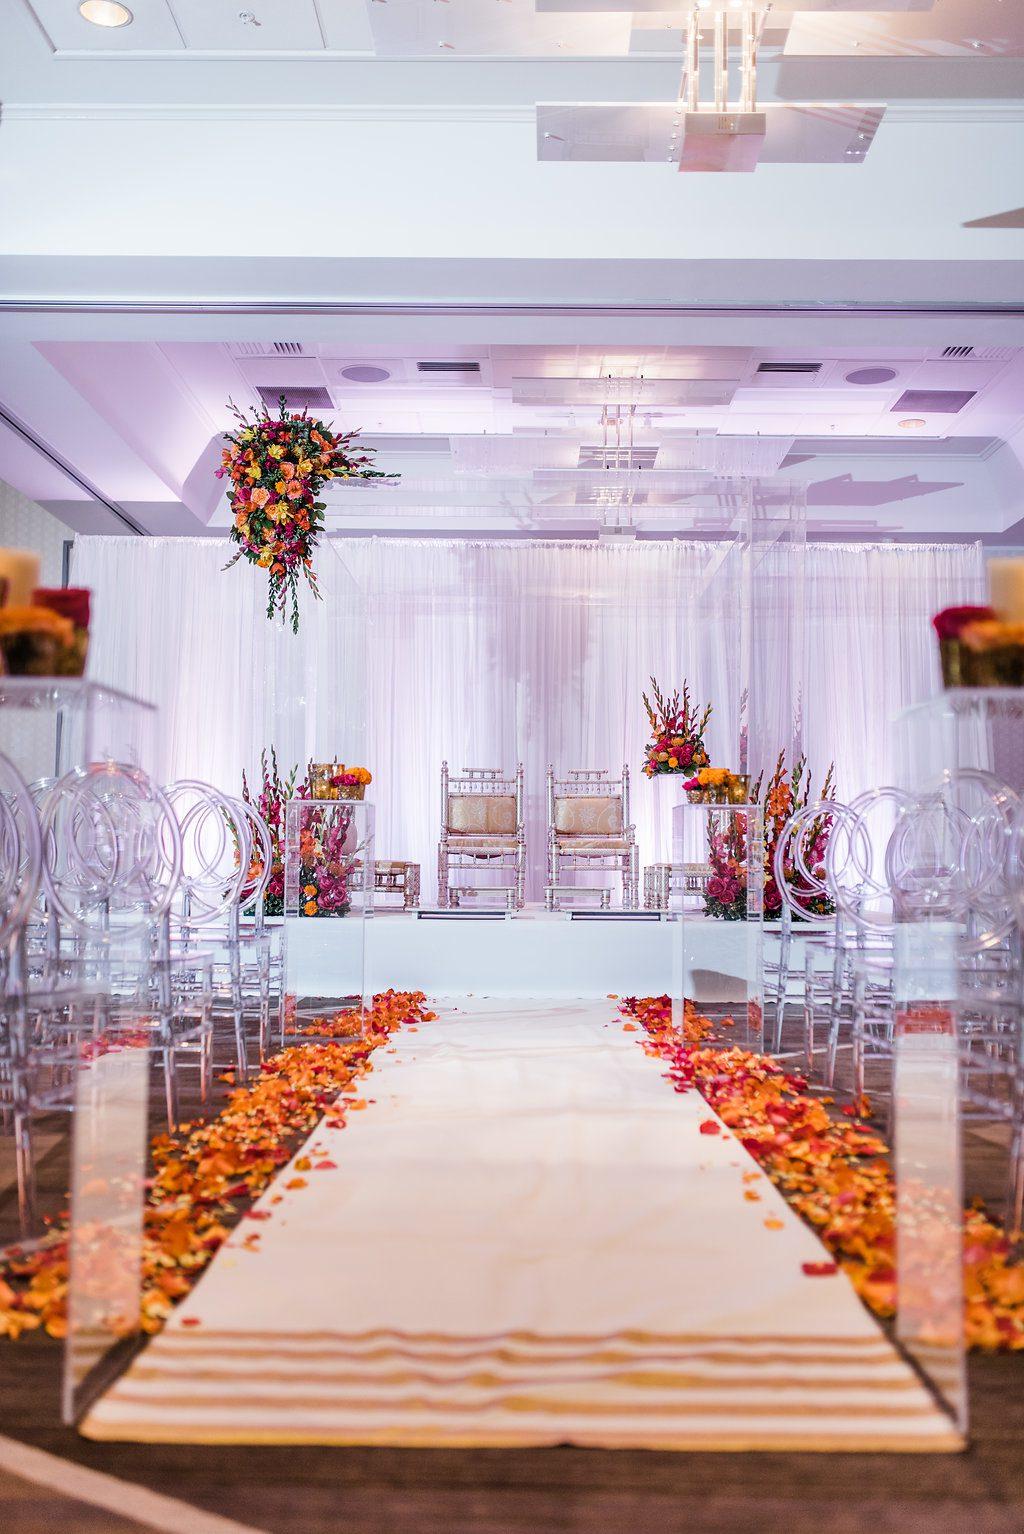 Indian-wedding-ceremony, Indian-mundap, mundap, acrylic-mundap, indian-wedding, indian-wedding-decor, dayton-ohio-indian-weddings